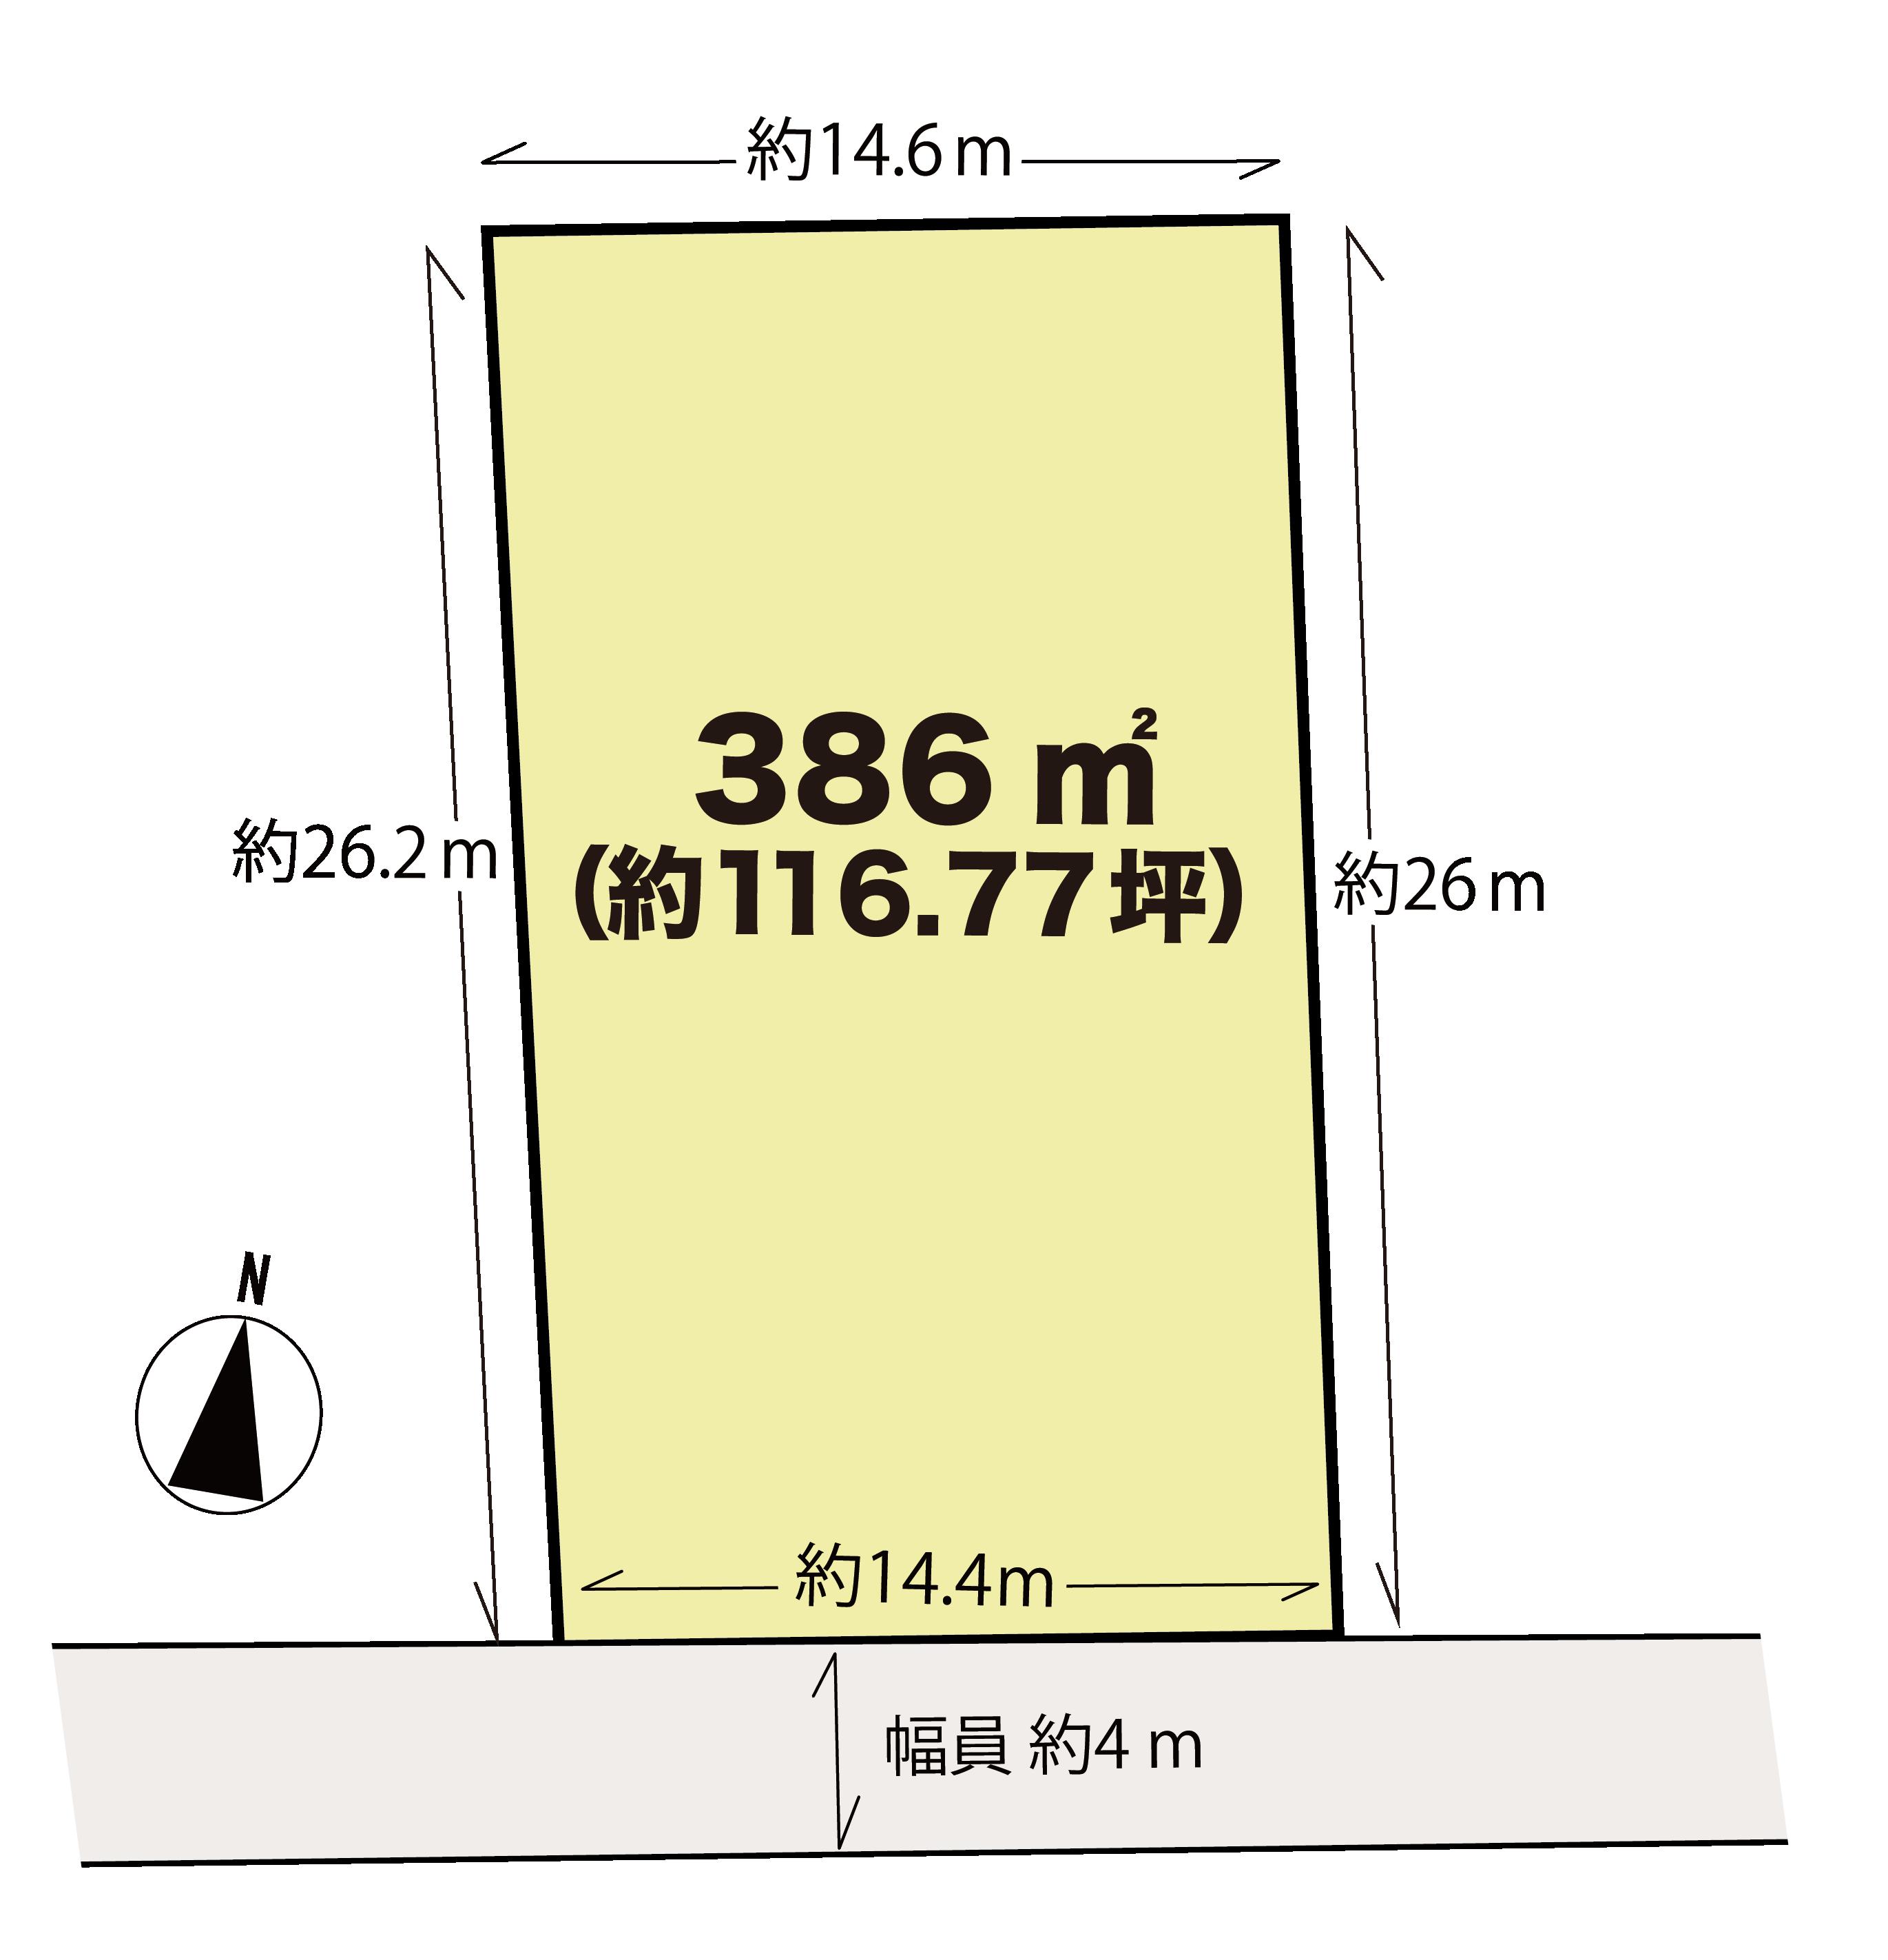 01L0528_地形